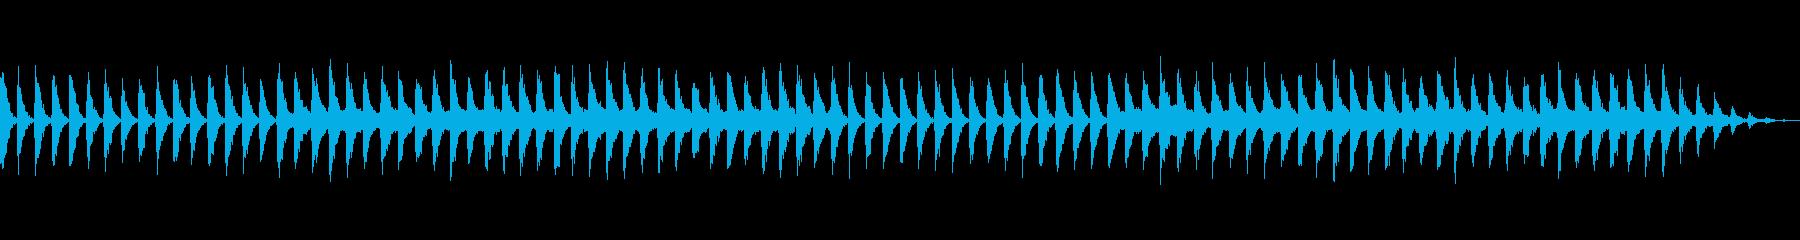 睡眠レベルを高めるリラクゼーション音楽の再生済みの波形